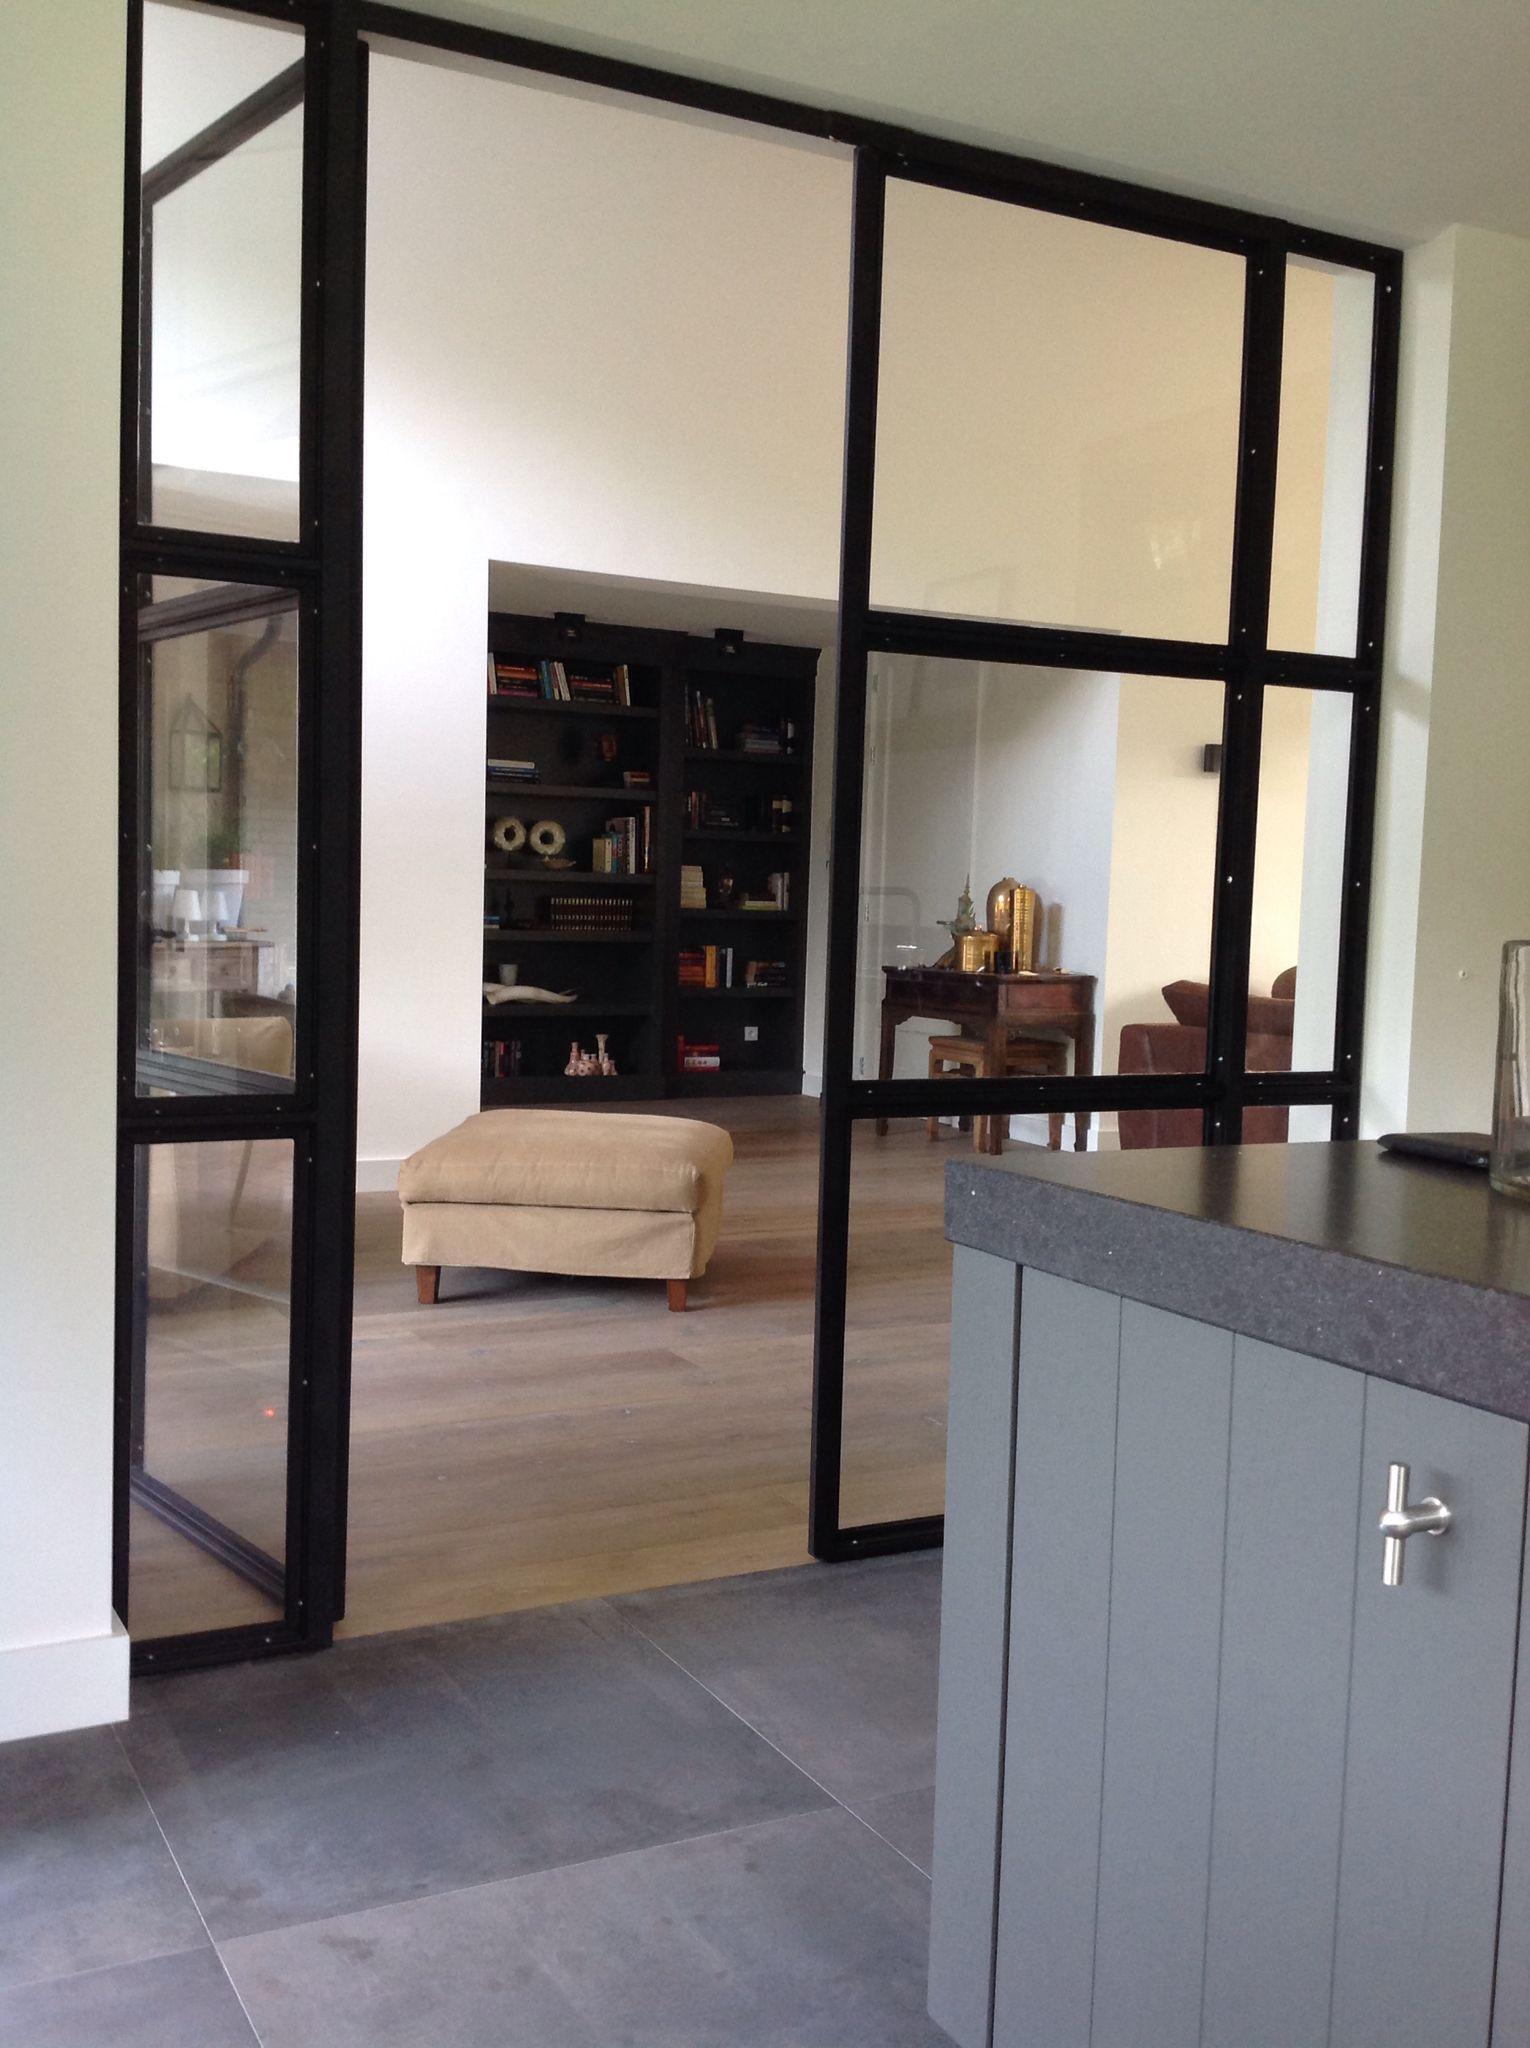 Stalen deuren tussen keuken en woonkamer  Home